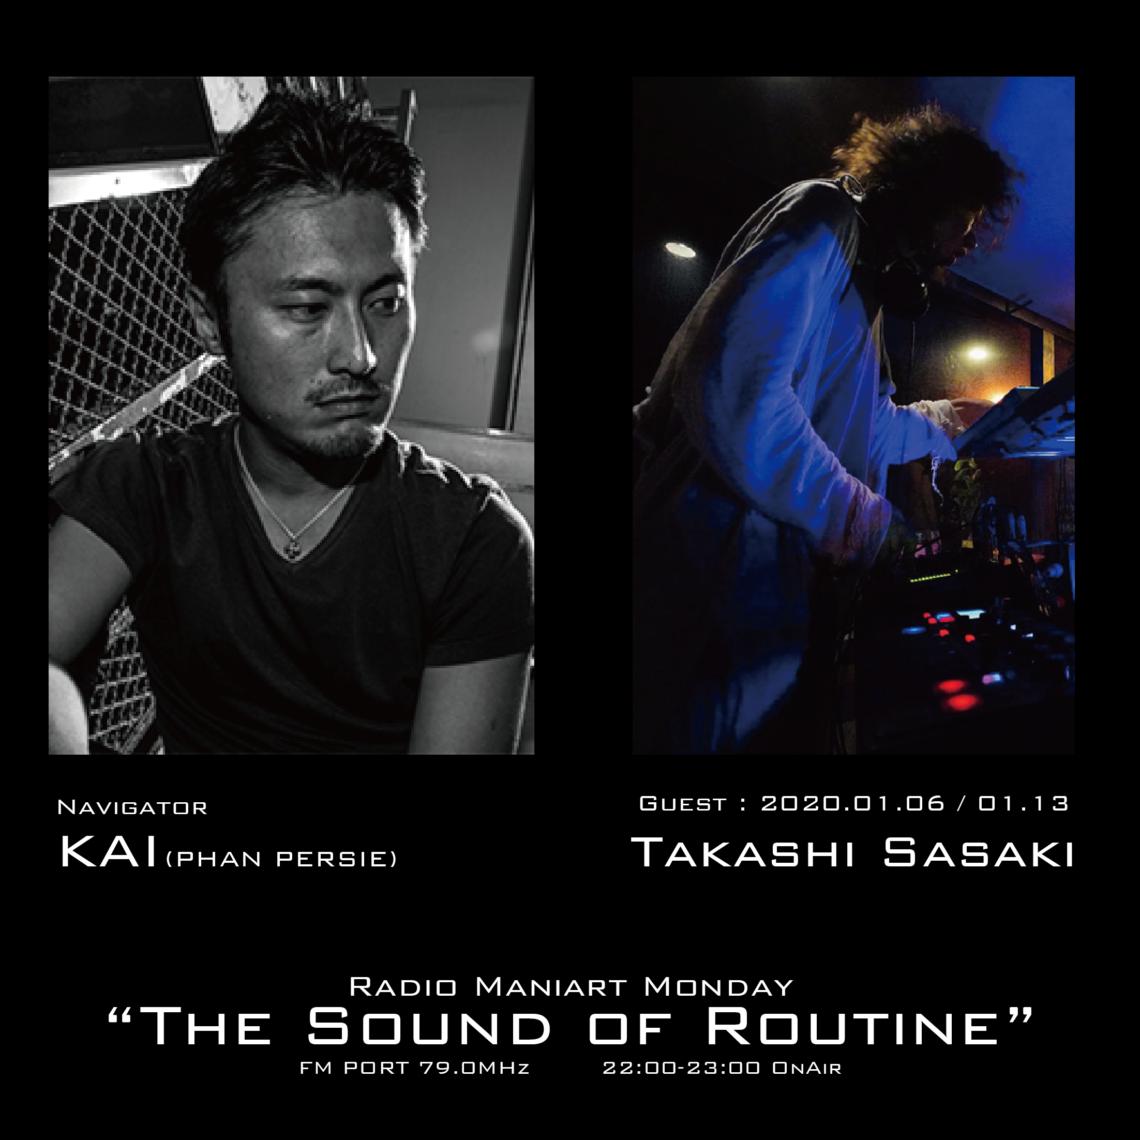 2020. 1. 6 MON, 1. 13 MON – KAI : Navigator on FM PORT / the Sound of Routine – Guest : Takashi Sasaki (Converge+)